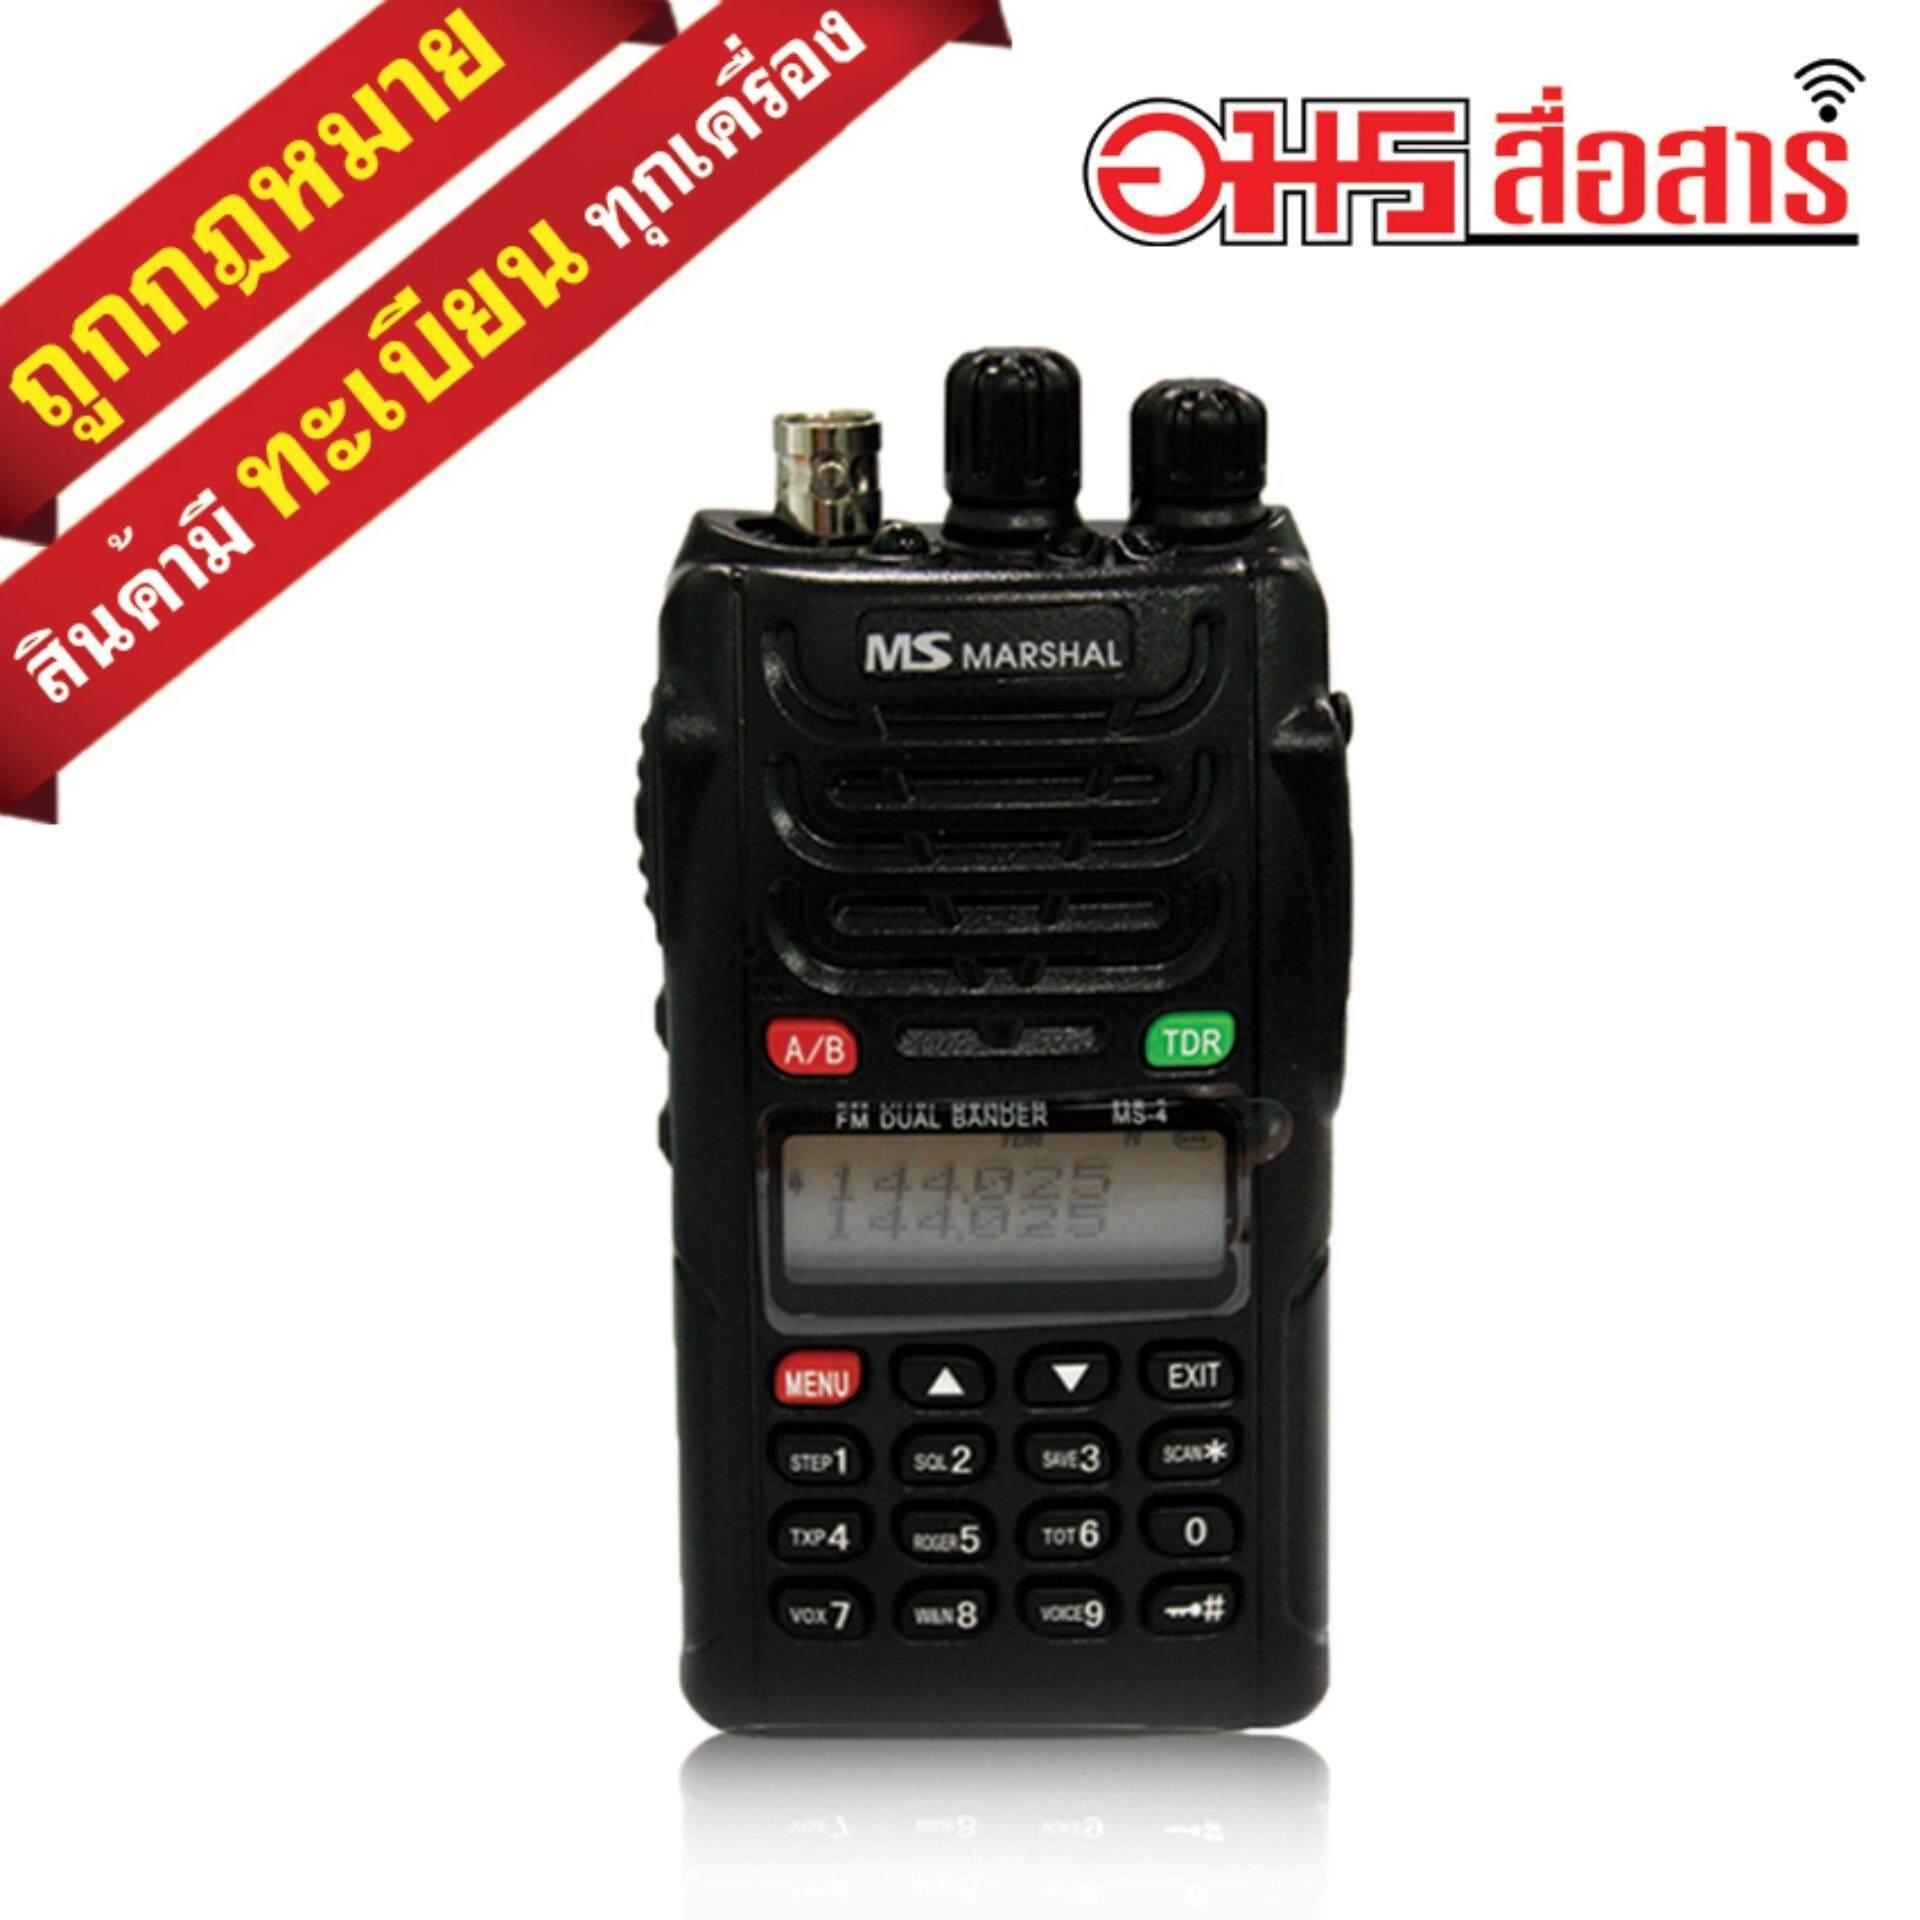 ขาย Ms Marshal วิทยุสื่อสาร 5W รุ่น Ms 4 สีดำ Walkie Talkie Walkie Talkie อมรสื่อสาร ถูก นนทบุรี